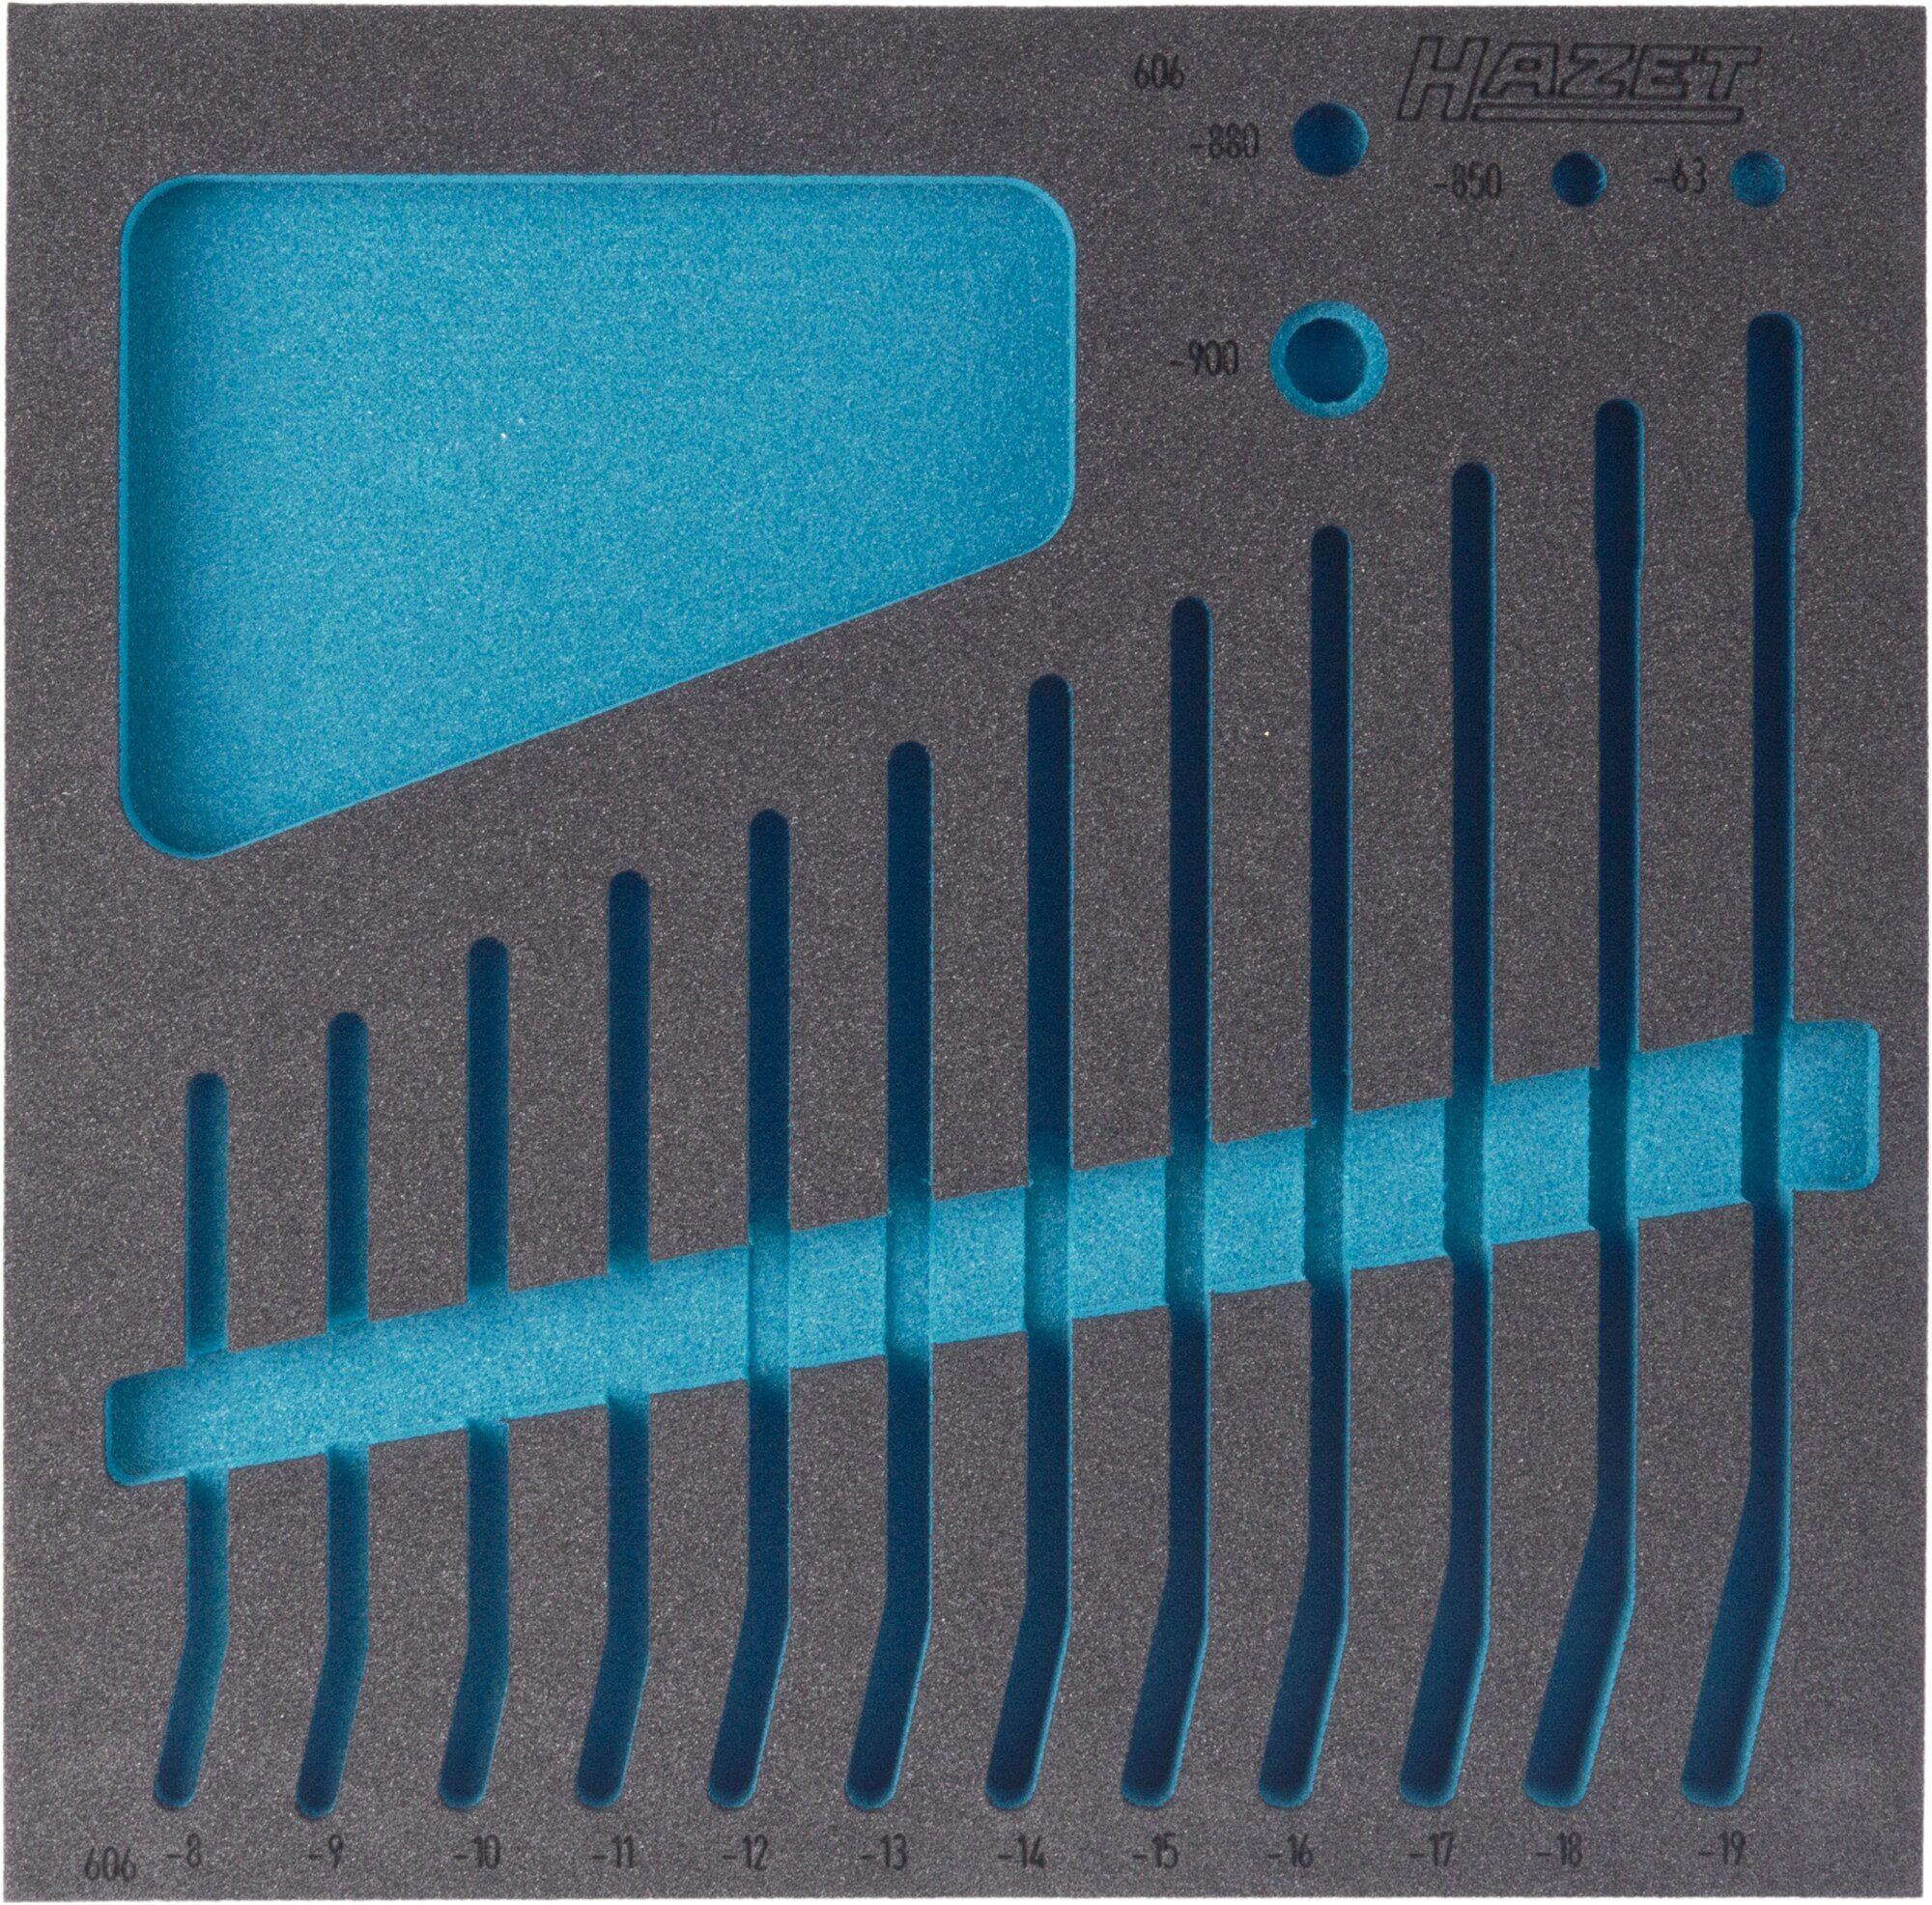 HAZET 2-Komponenten Weichschaum-Einlage 163-186L